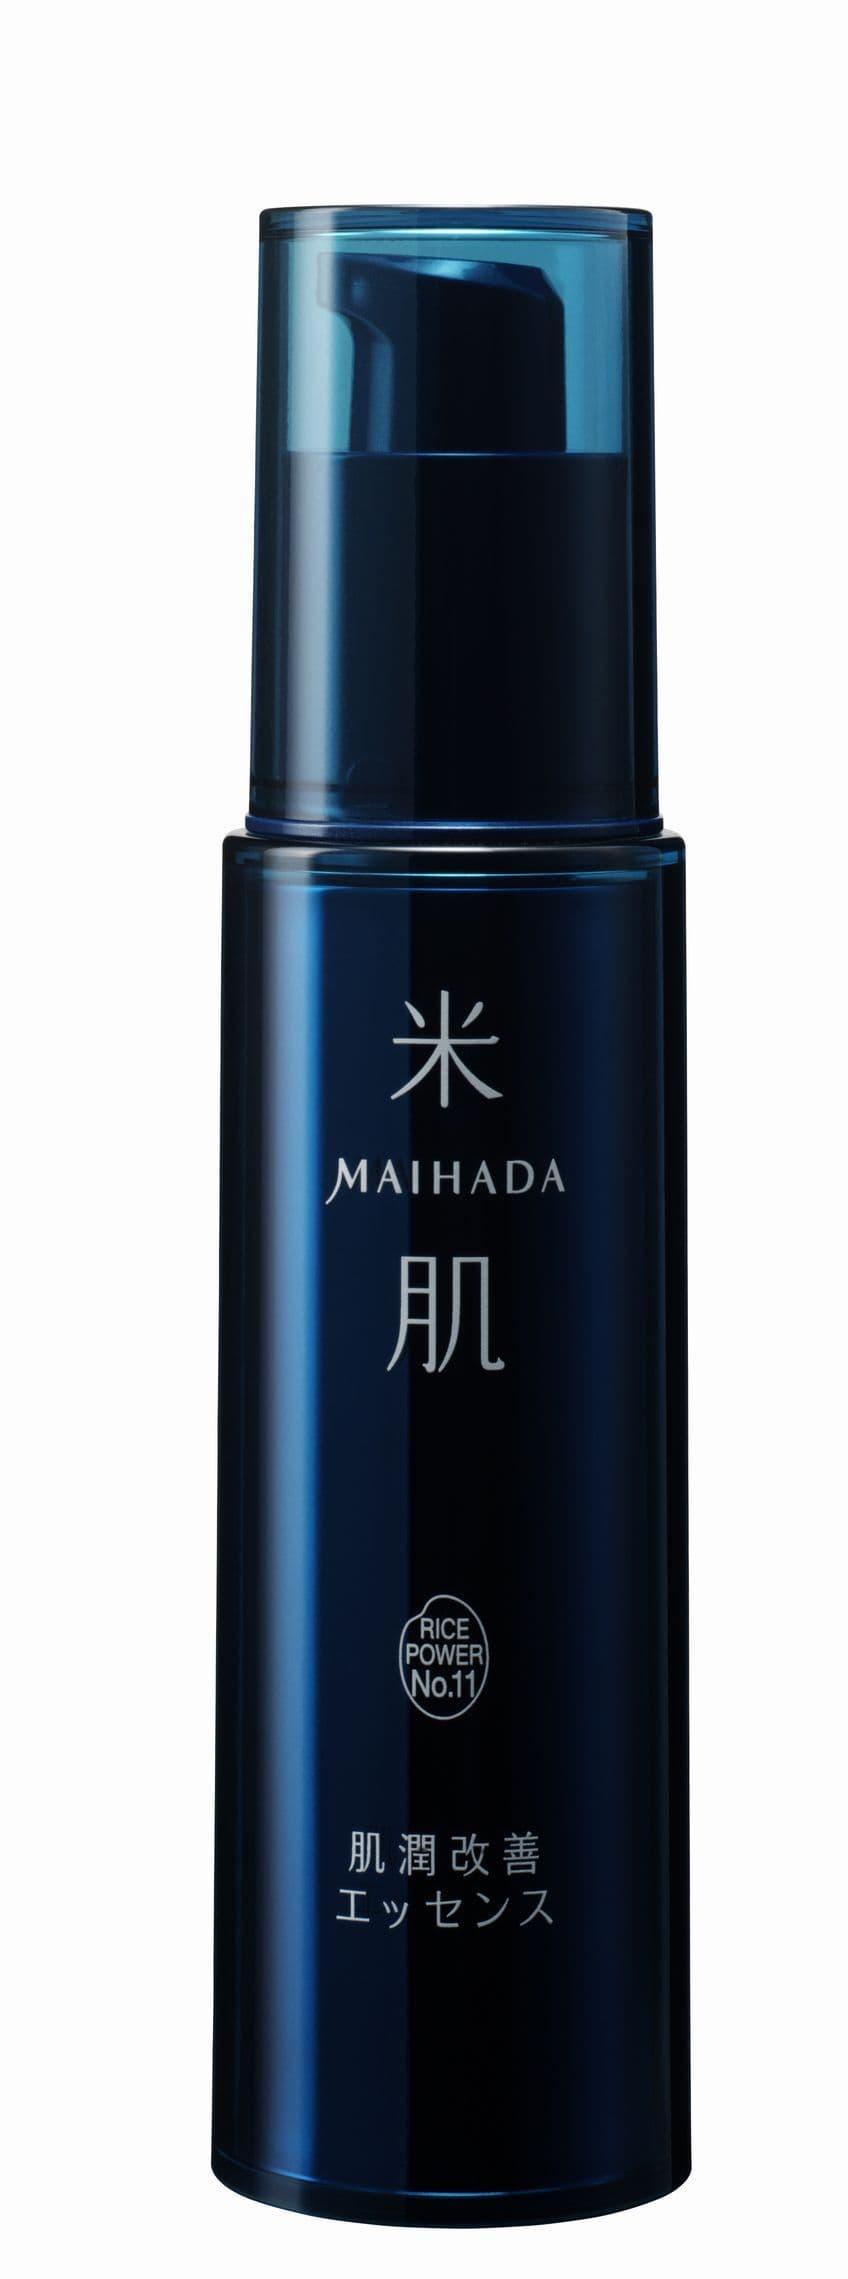 【米肌~MAIHADA~】肌潤改善エッセンス